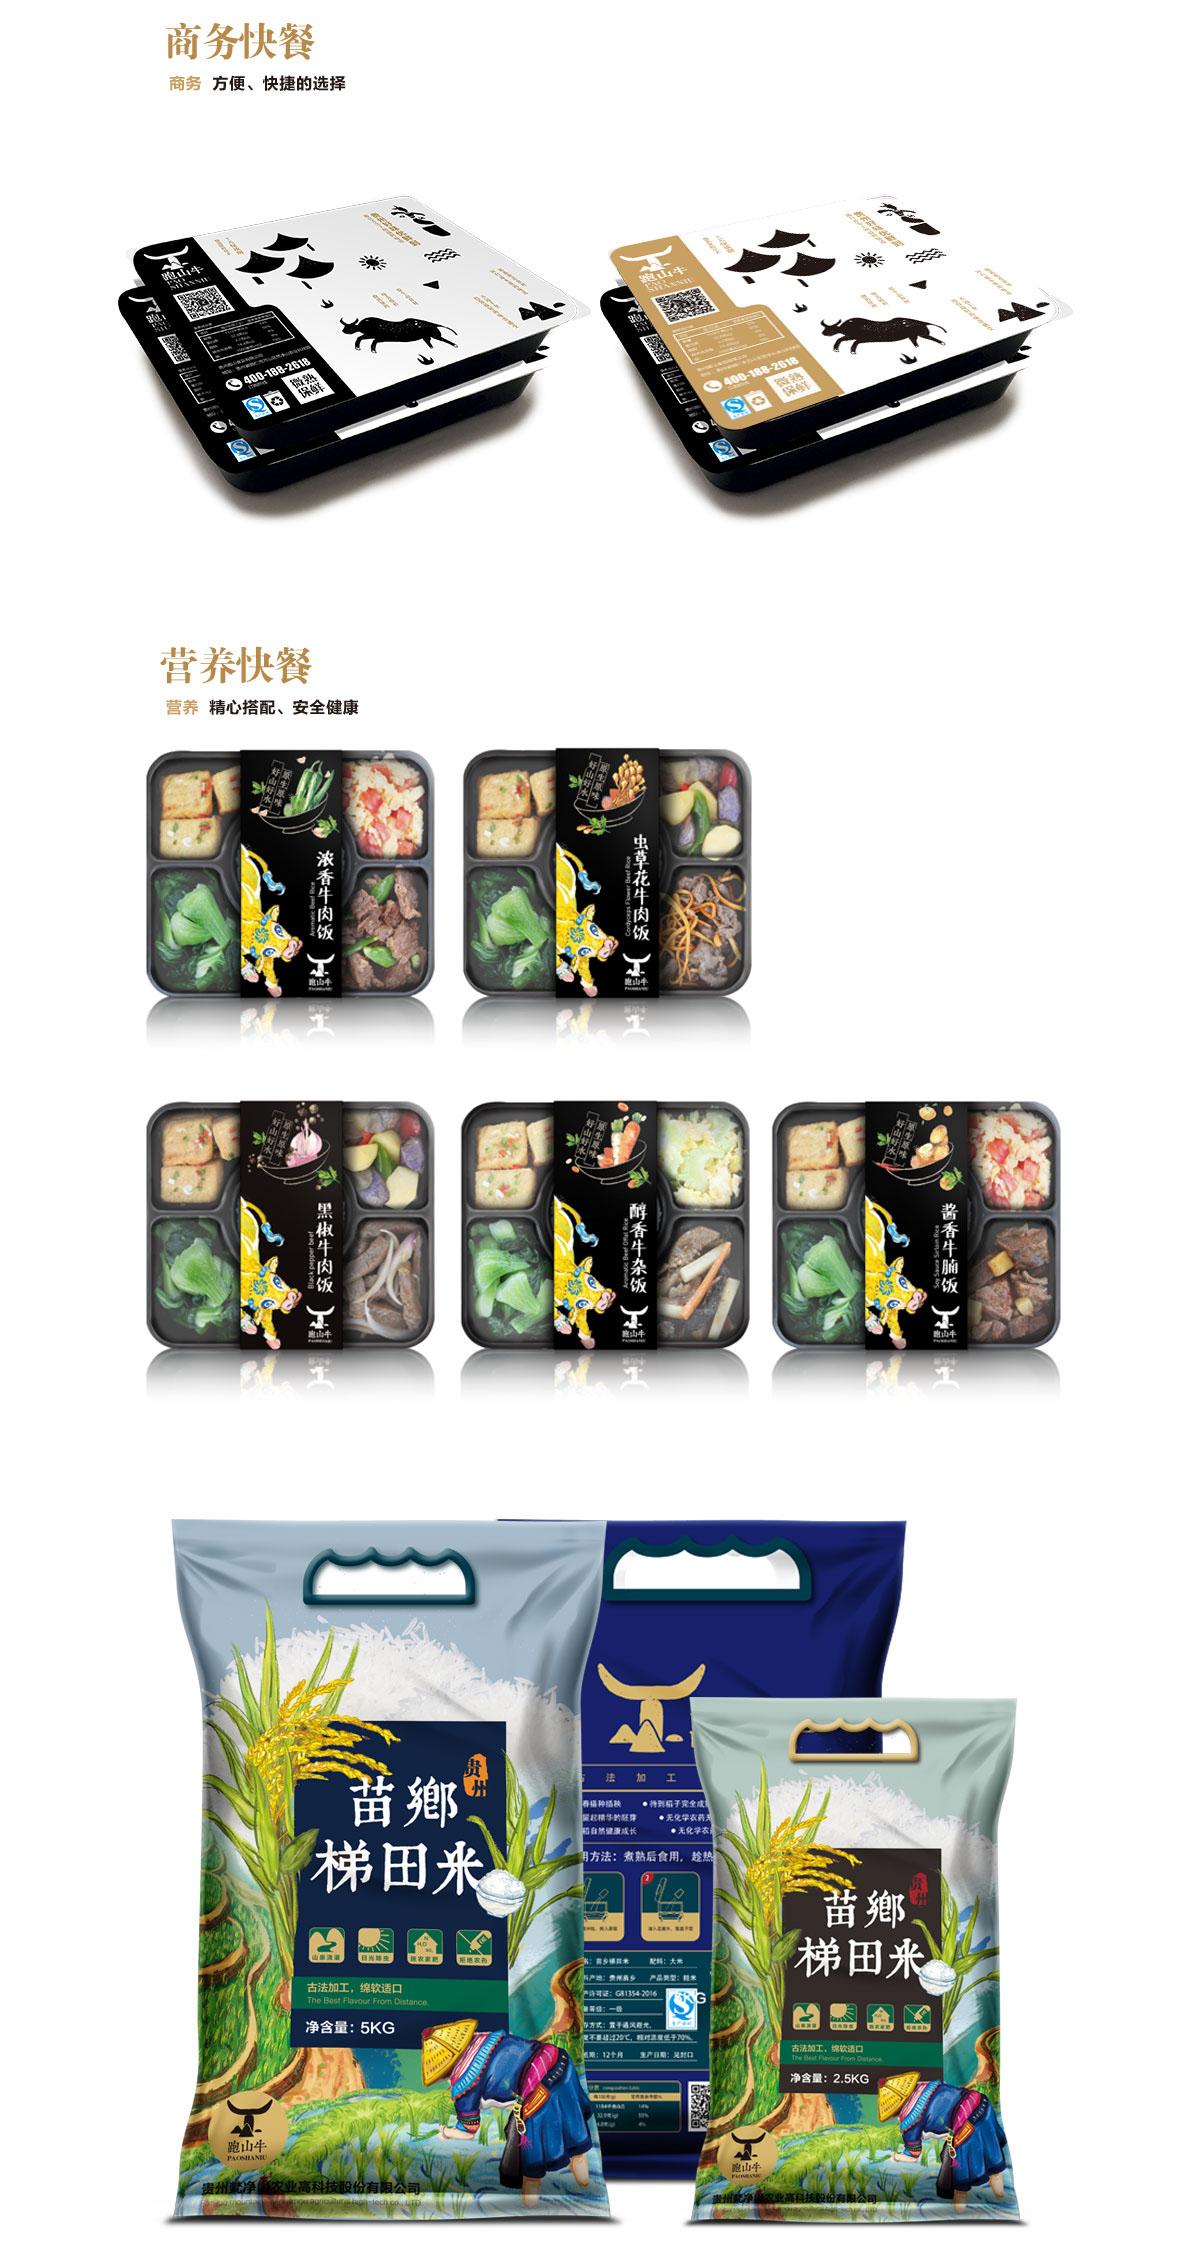 貴州跑山牛 2.0 牛肉干產品包裝設計 Brand Design\\VI\\Package design on Behance